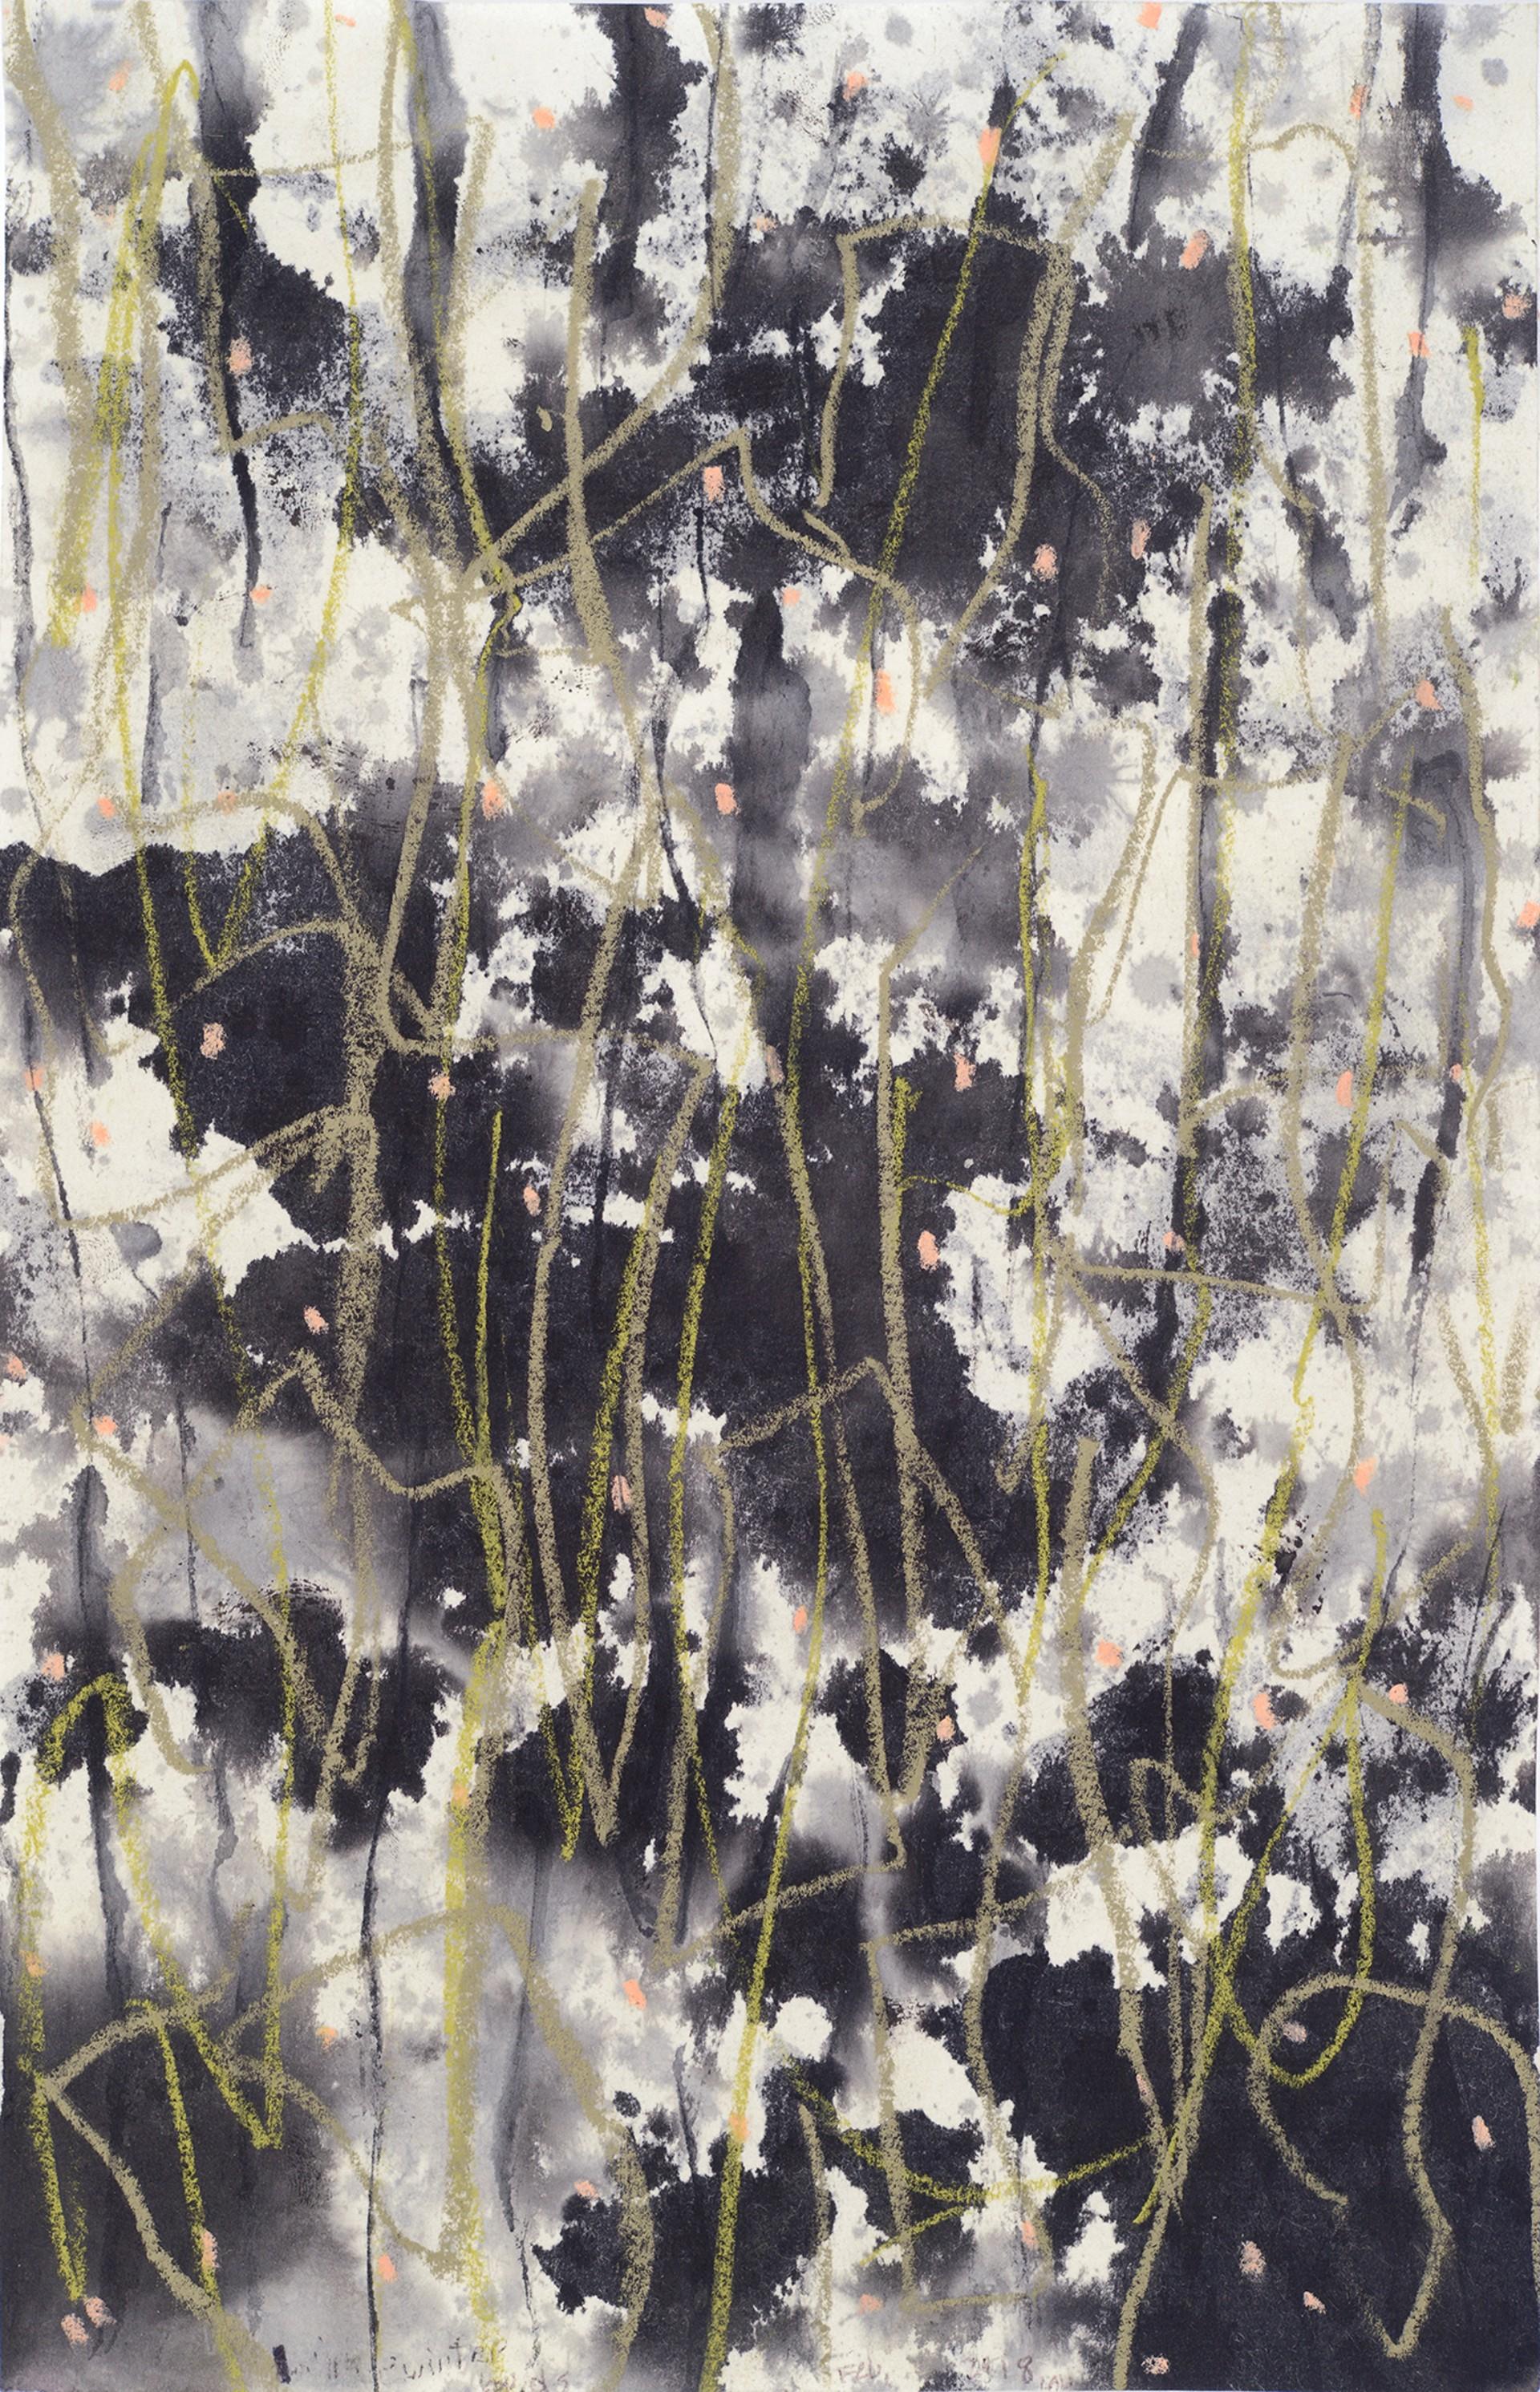 little winter birds by Alan Lau